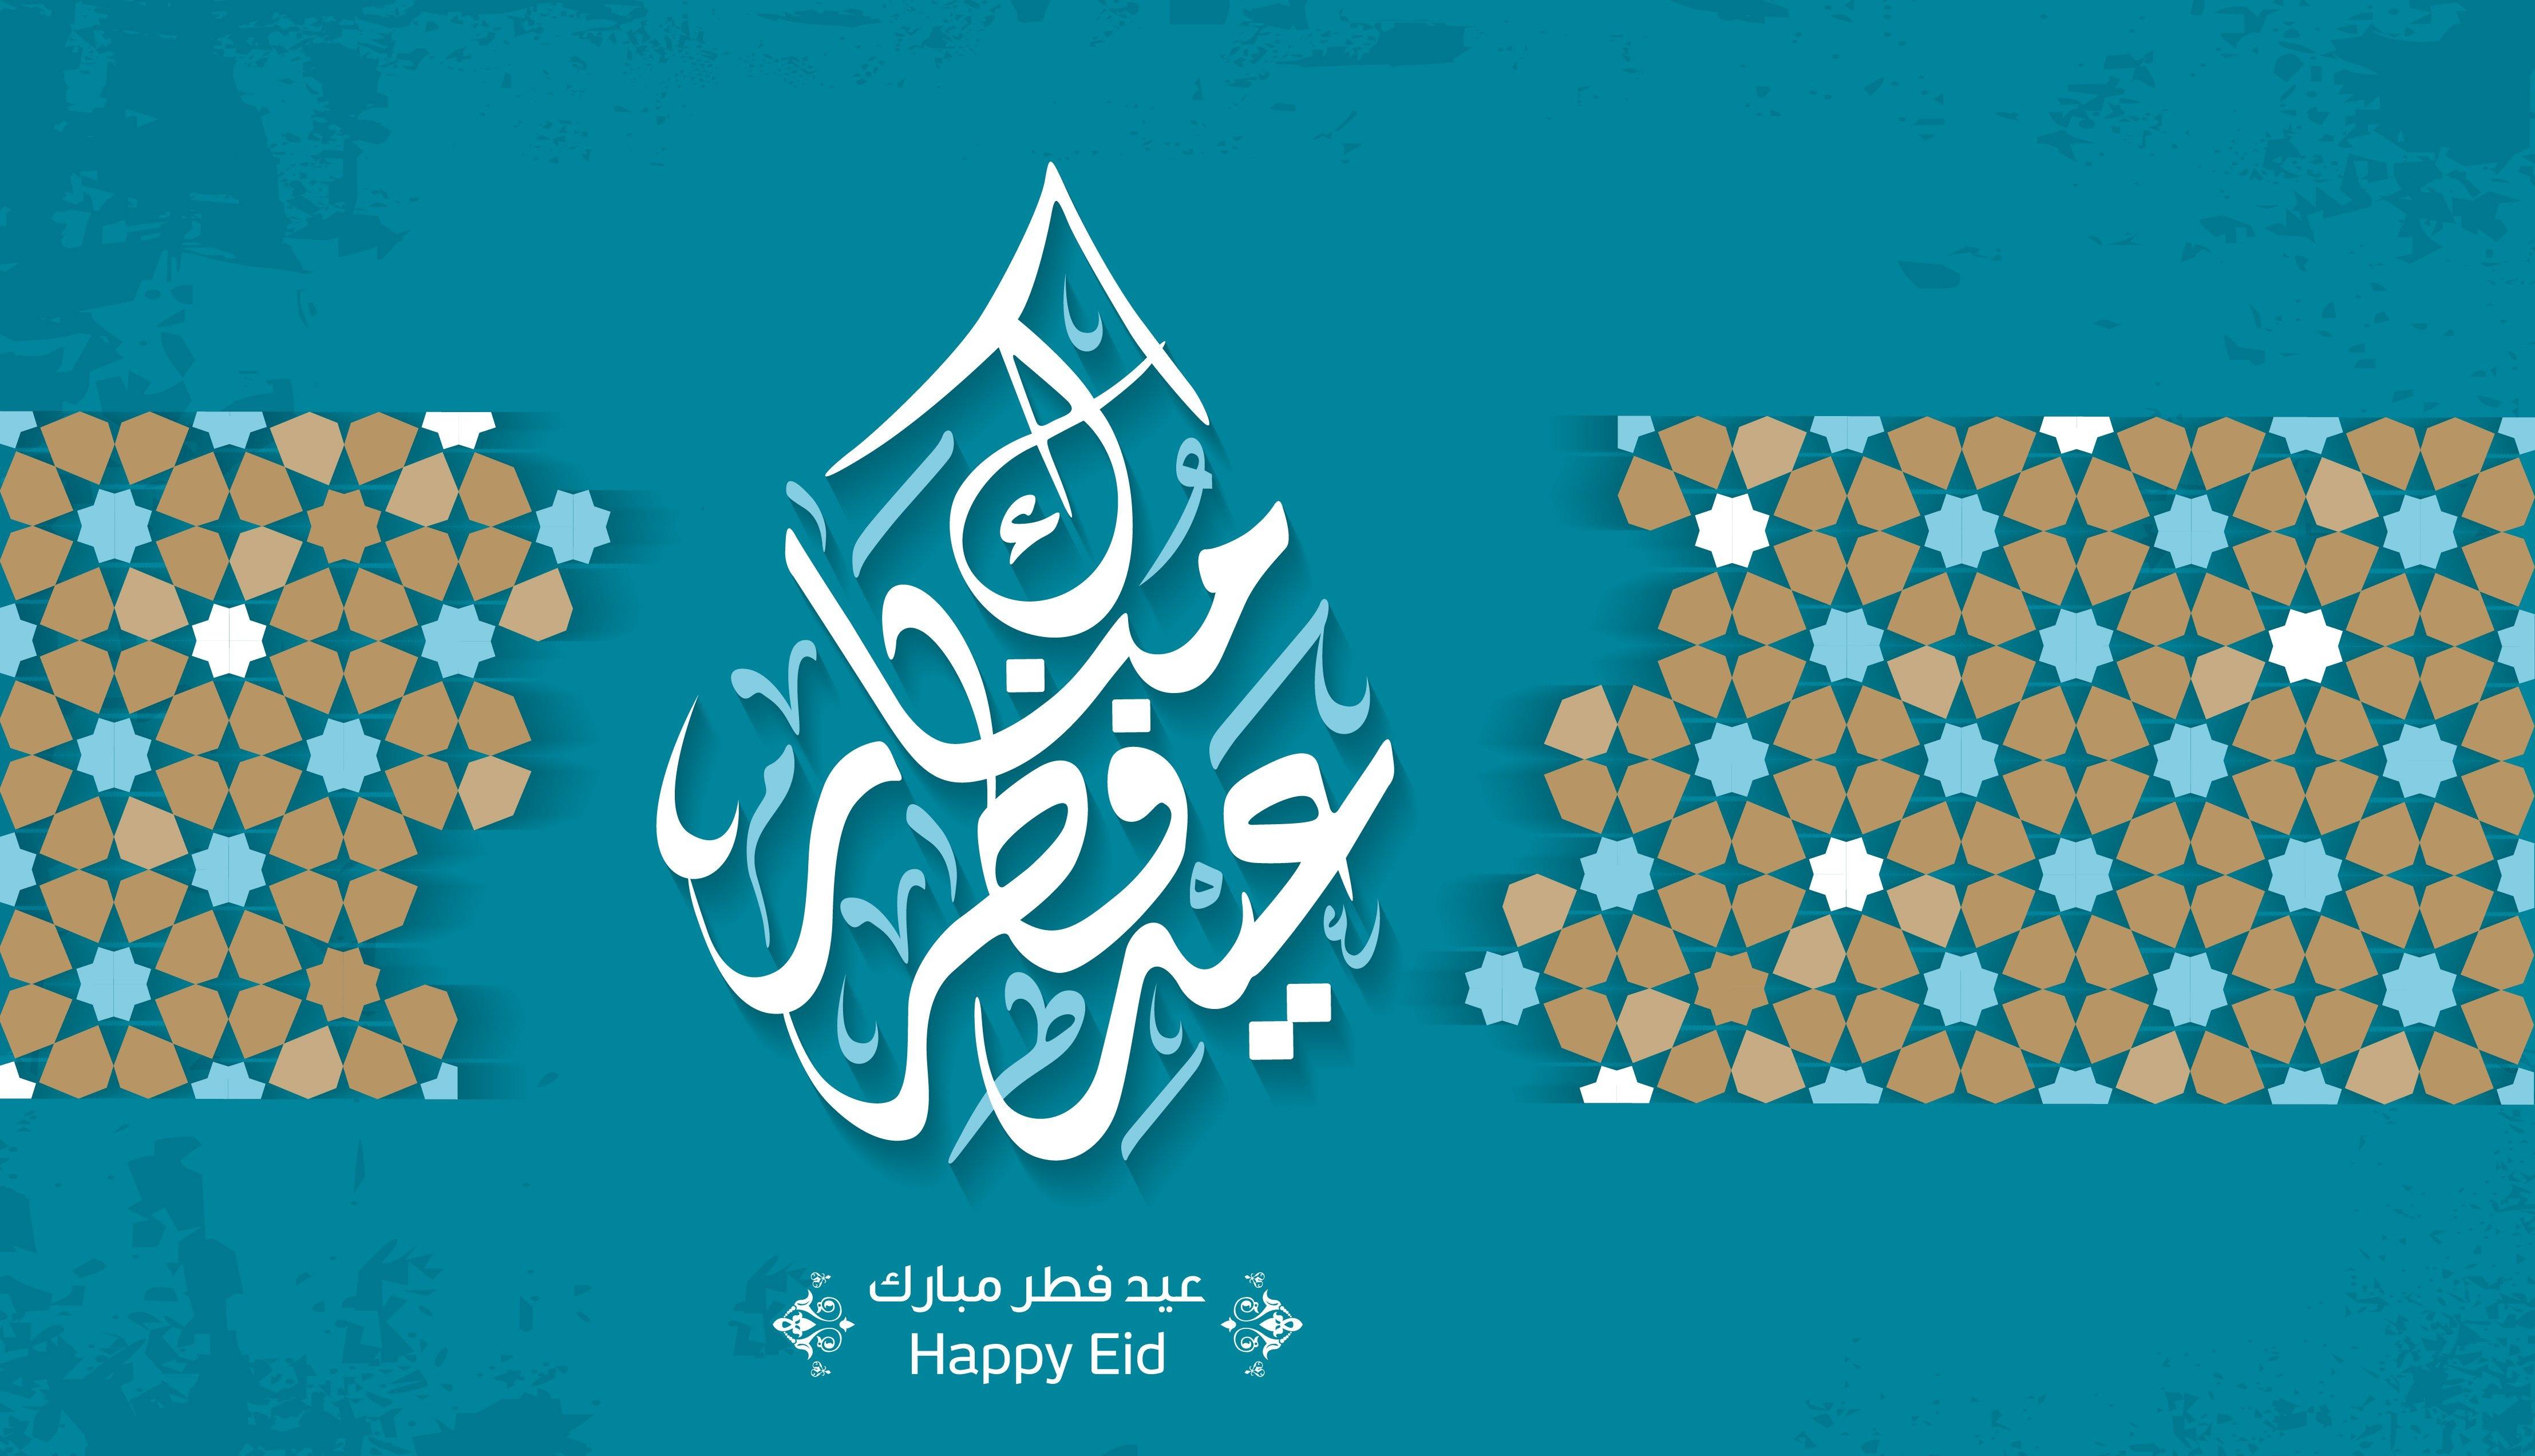 صور تهنئة بمناسبة عيد الفطر 2019.. عيّد على حبابيك